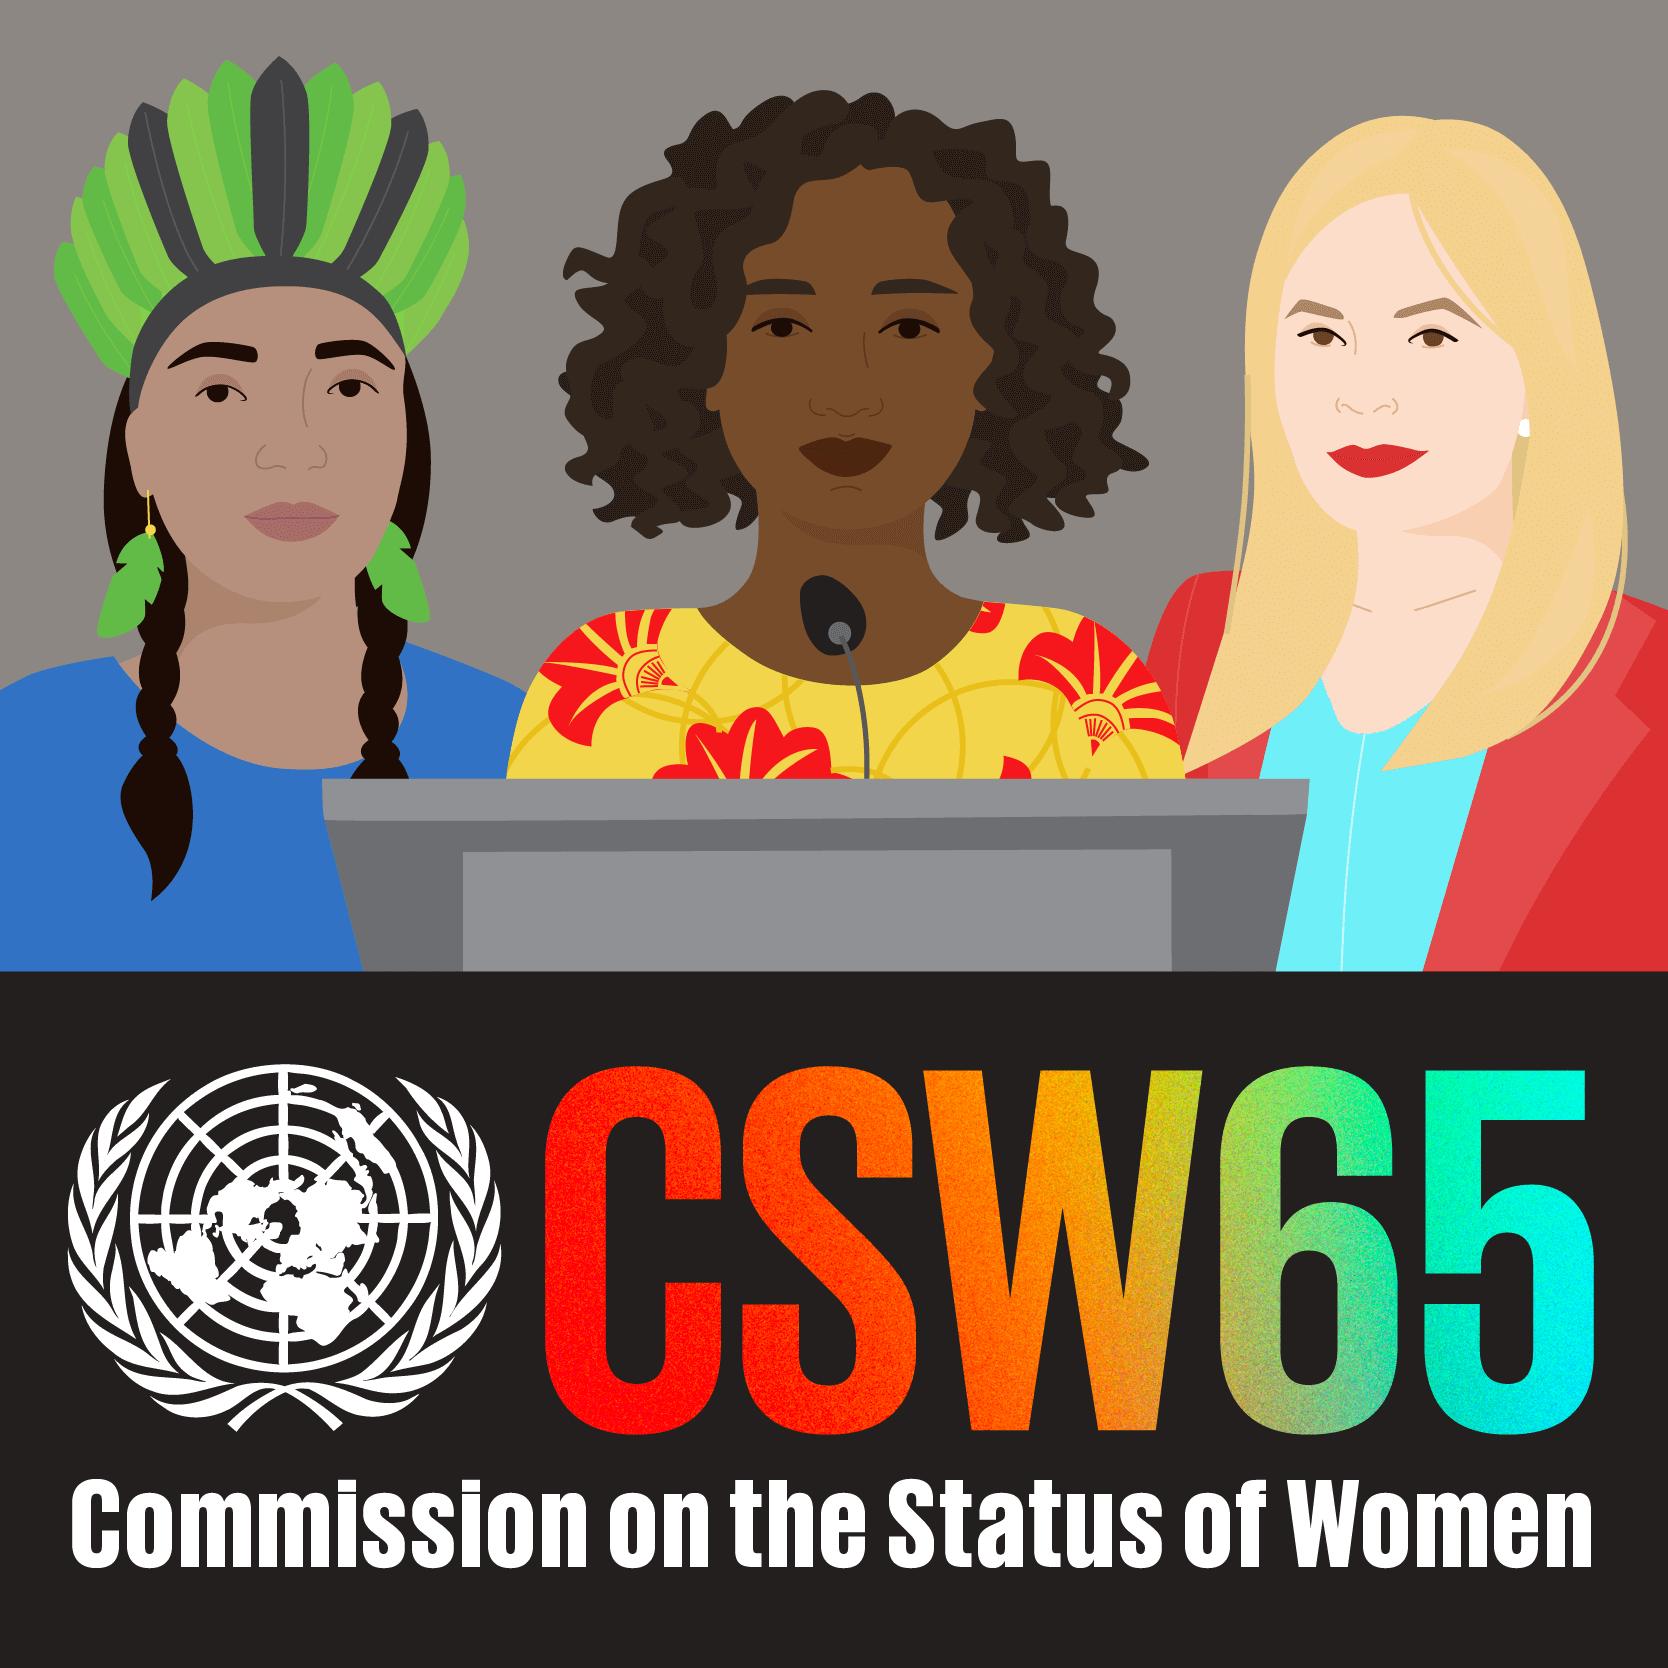 Le plaidoyer de la dynamique associative qui accompagne la CSW65